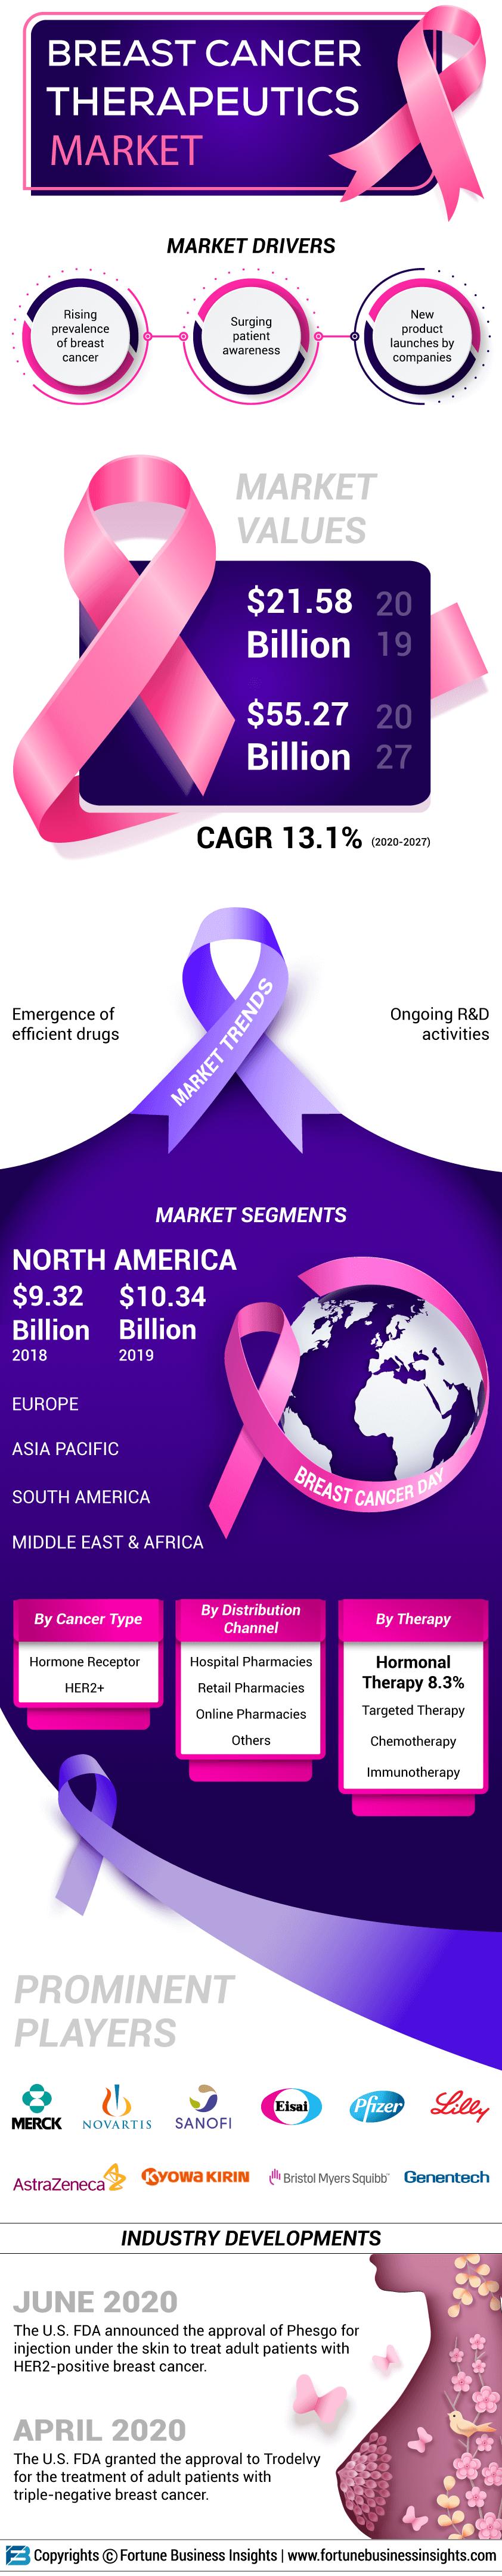 Breast Cancer Therapeutics Market